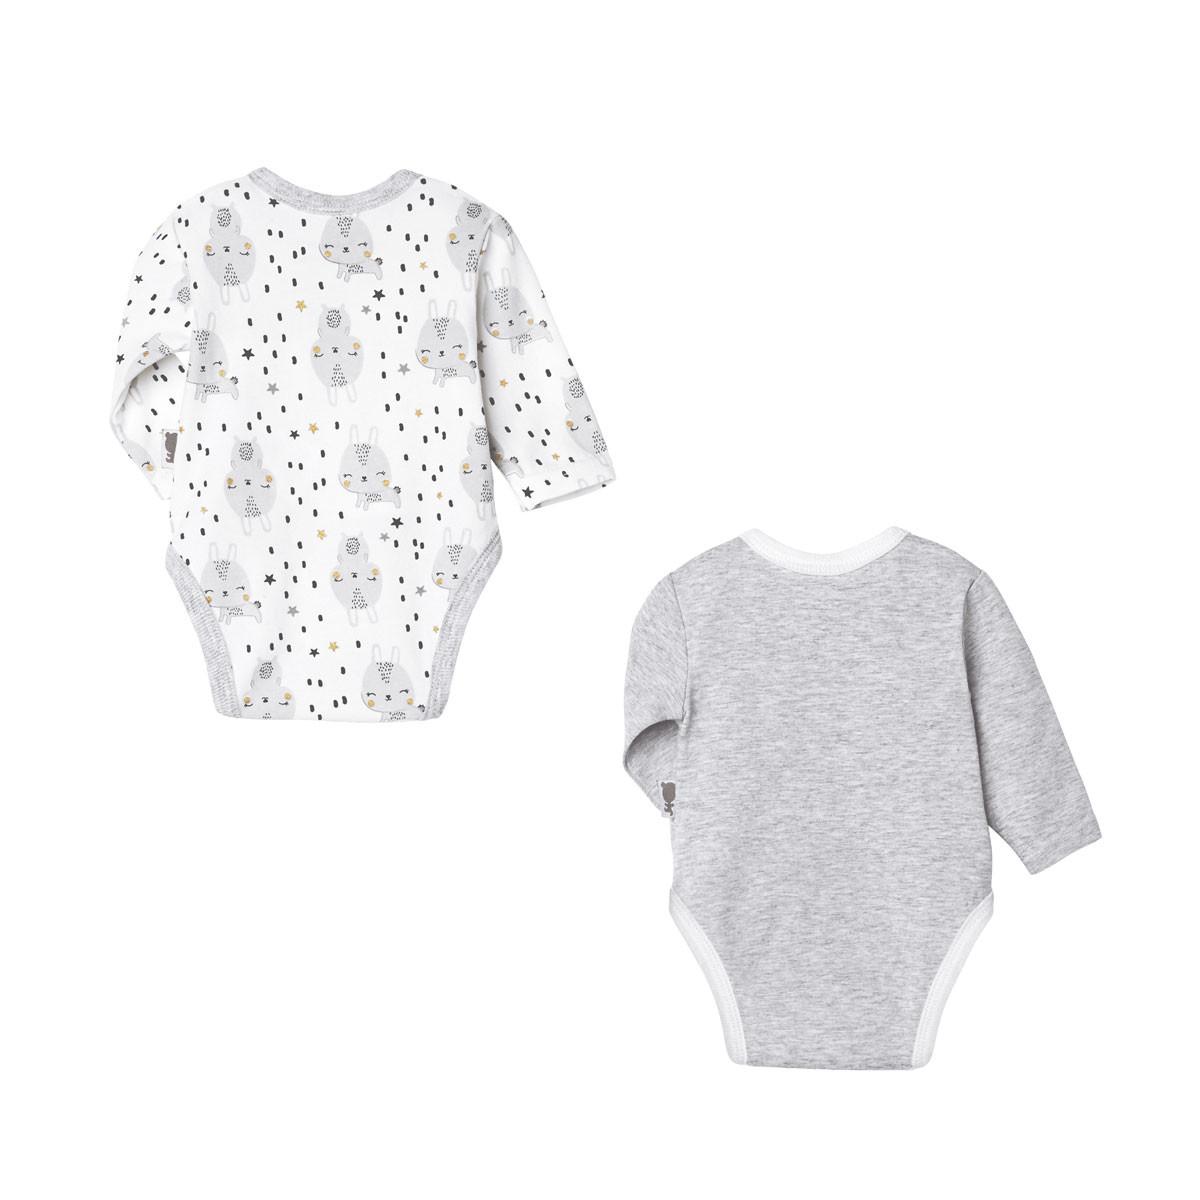 Lot de 2 bodies bébé mixte croisés manches longues Lapinou dos